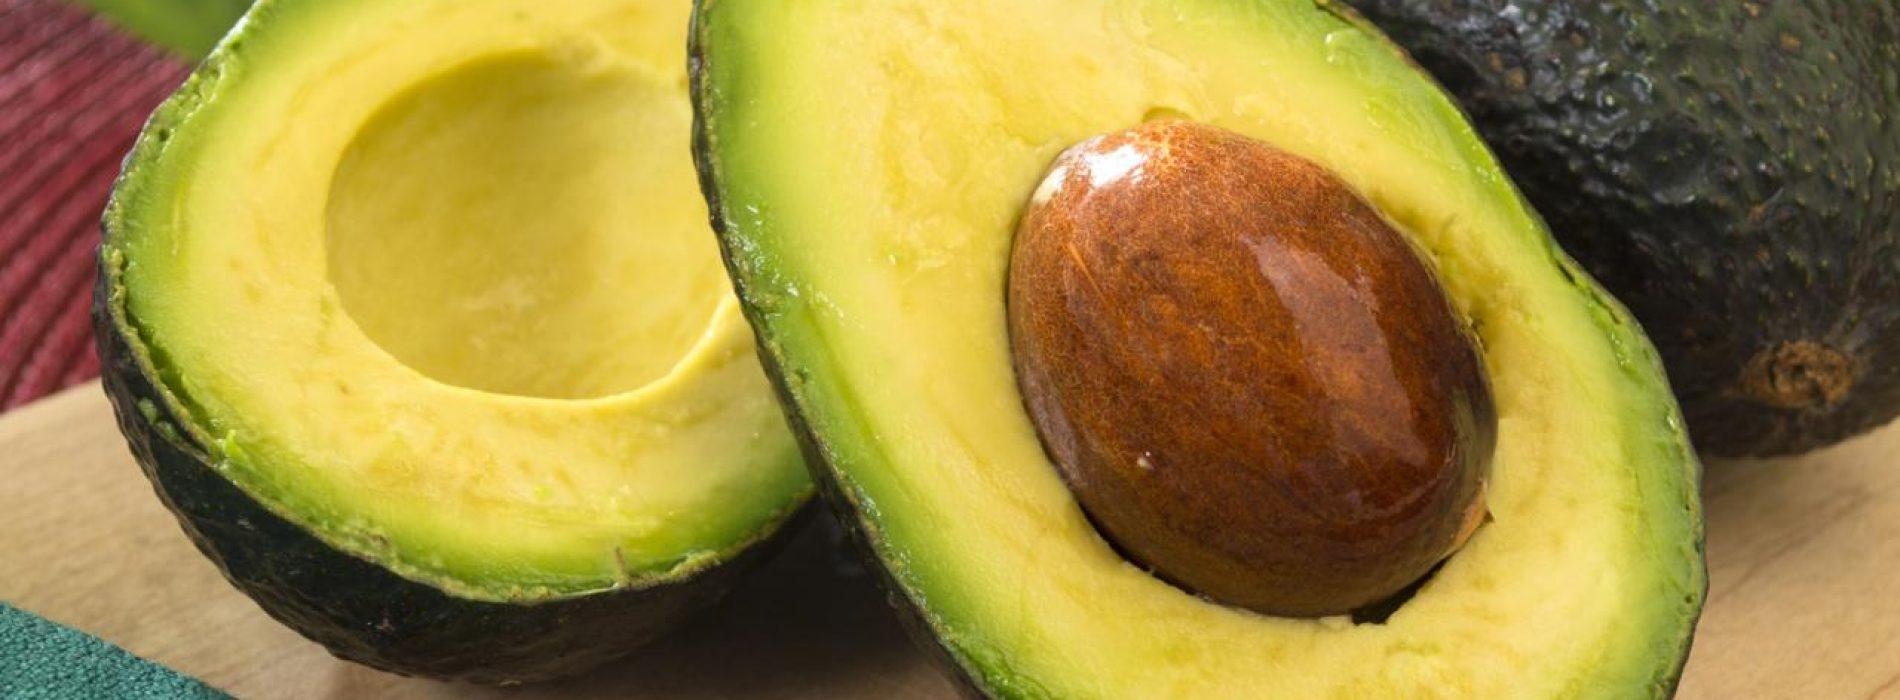 Gooi de volgende keer dat je een avocado eet de pit niet weg: het is geweldig voor de behandeling van ontstekingen